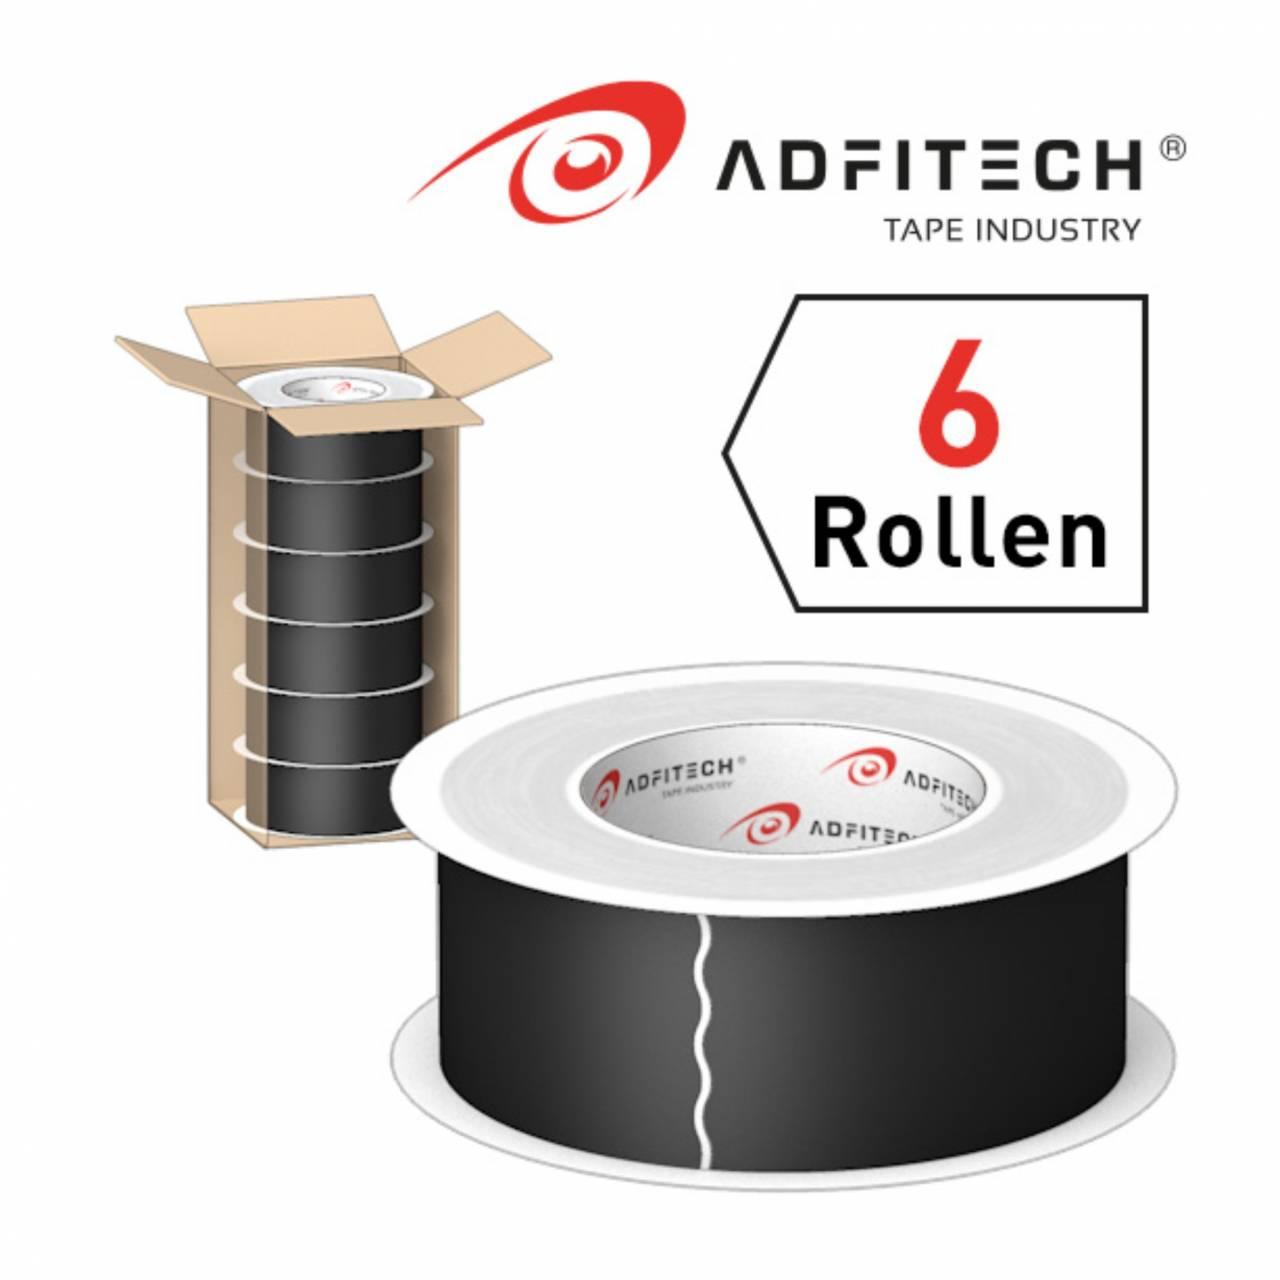 Adfitech Dichtklebeband 'AT235' 60 mm x 25 lfm / Krt a 6 Rollen